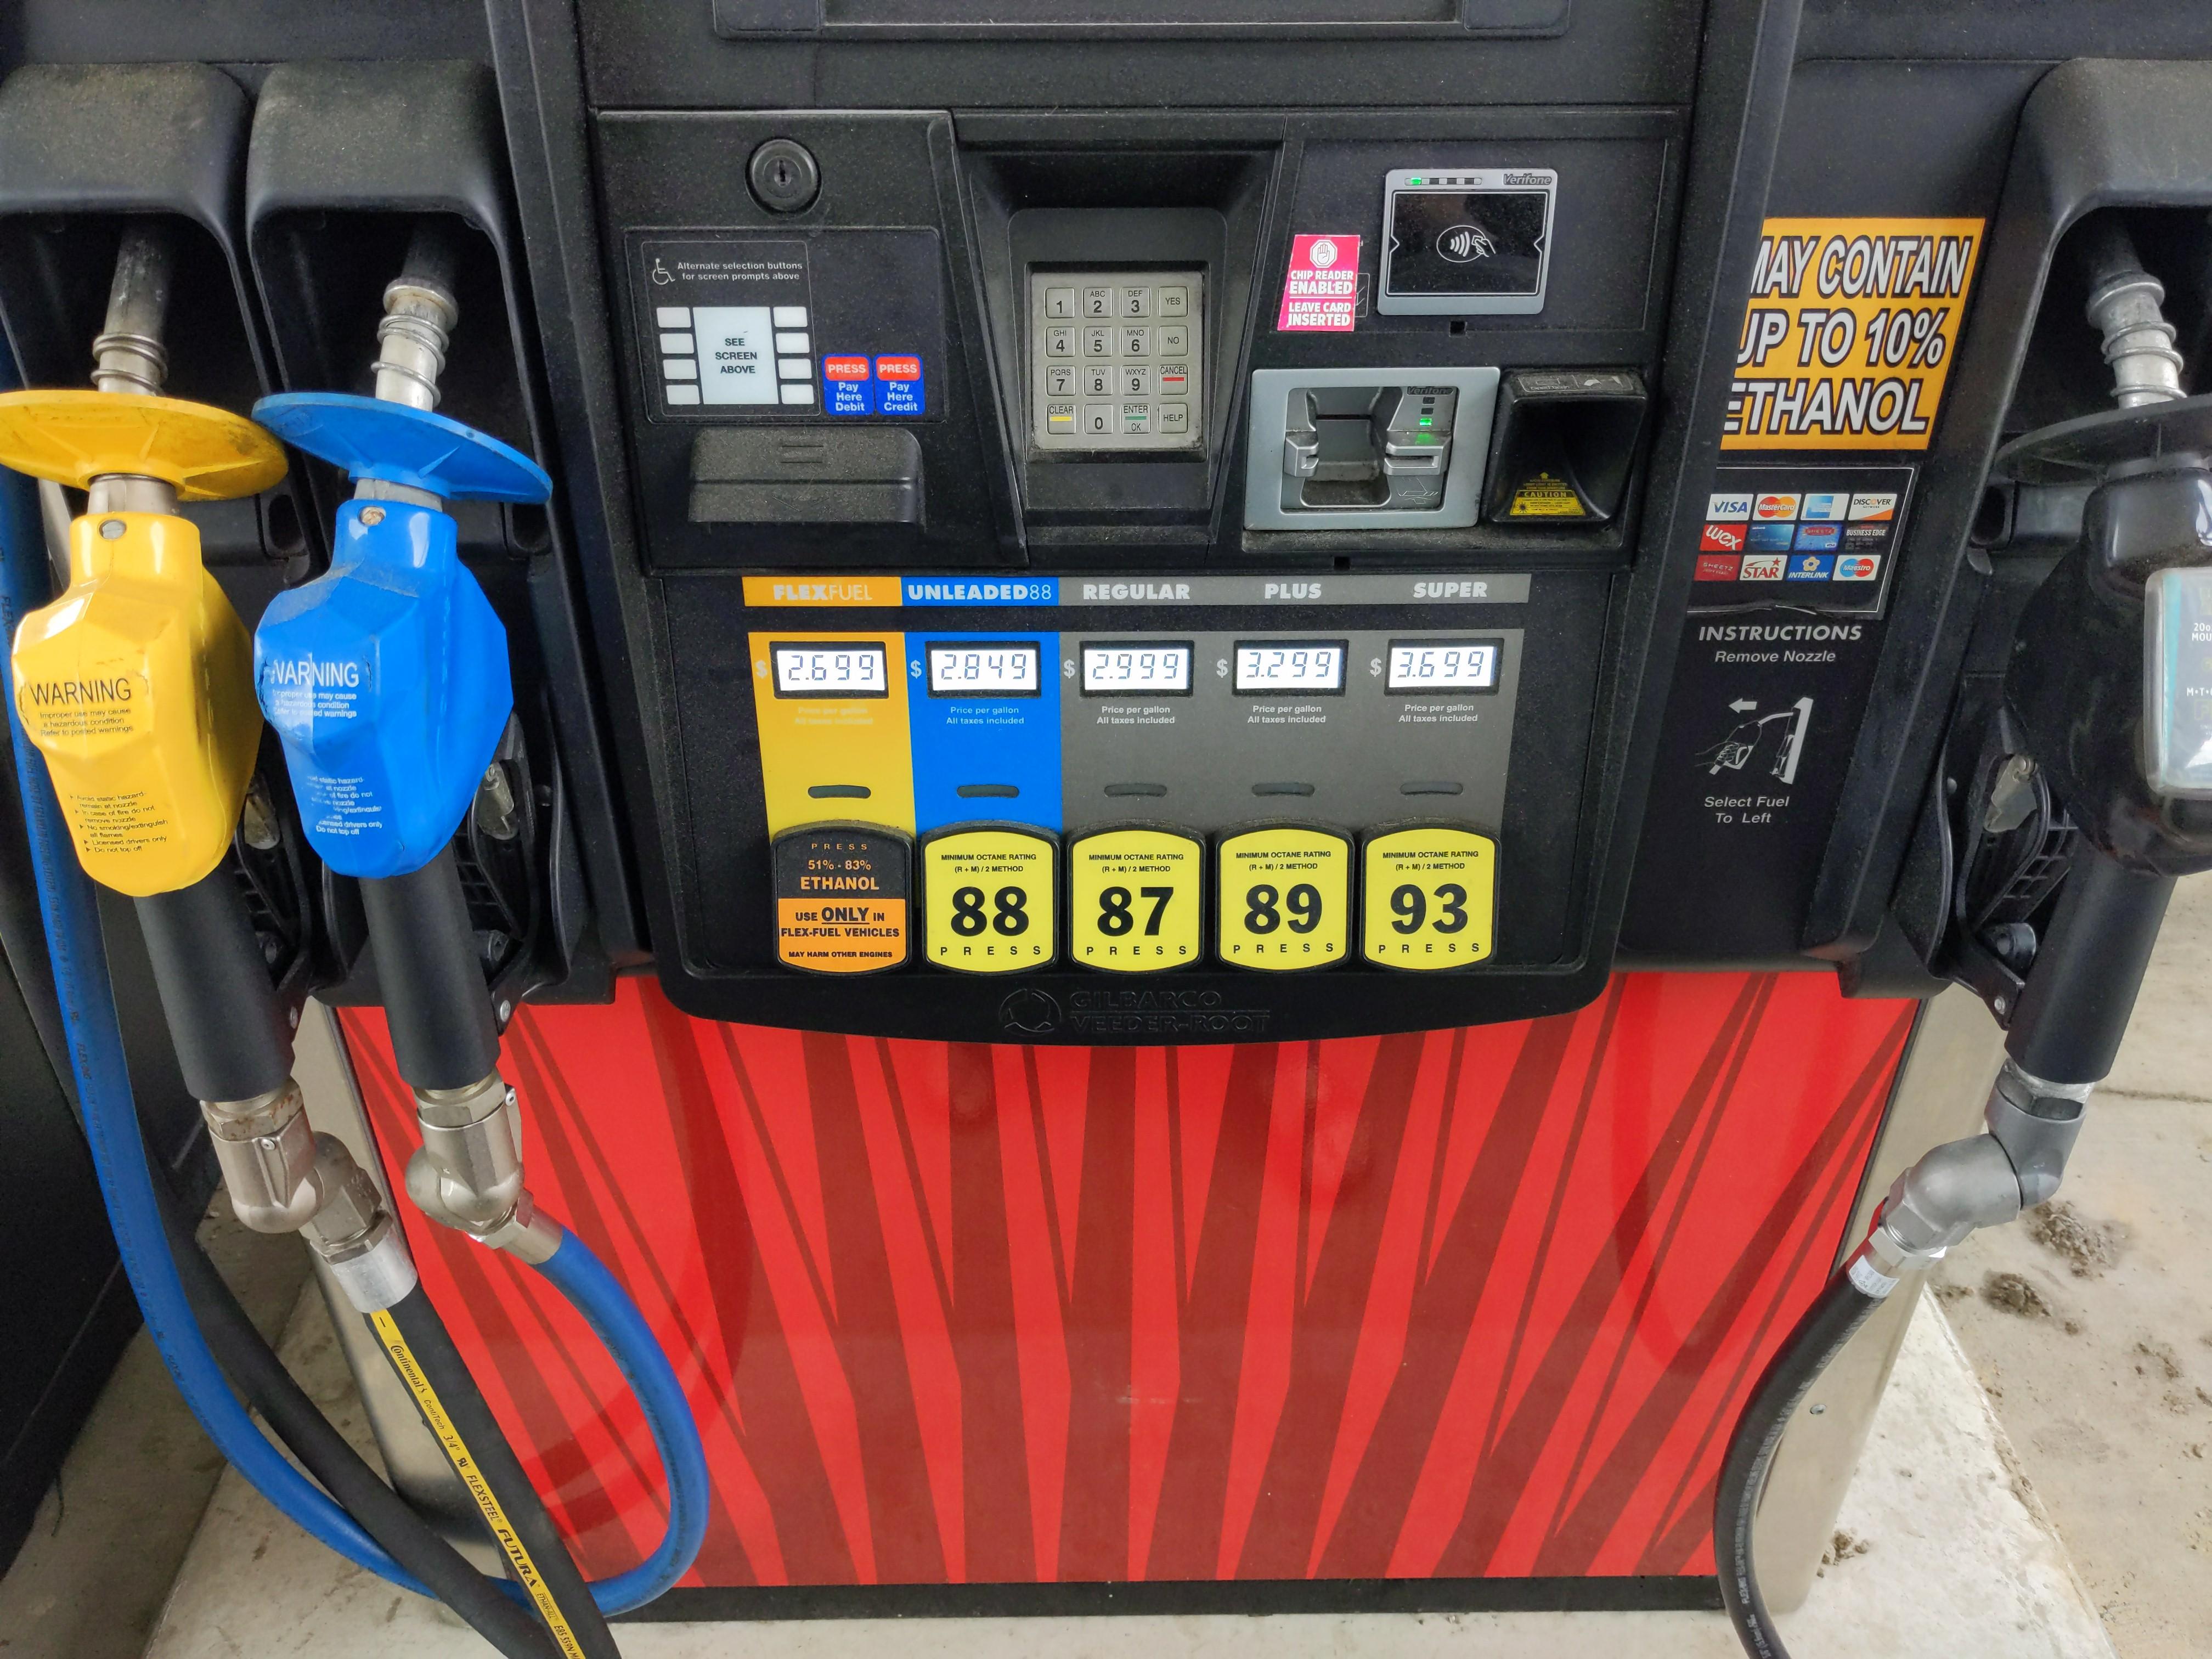 UN Announces End of Leaded Gasoline Sales as Last Station Ends Sale of Dangerous Fuel